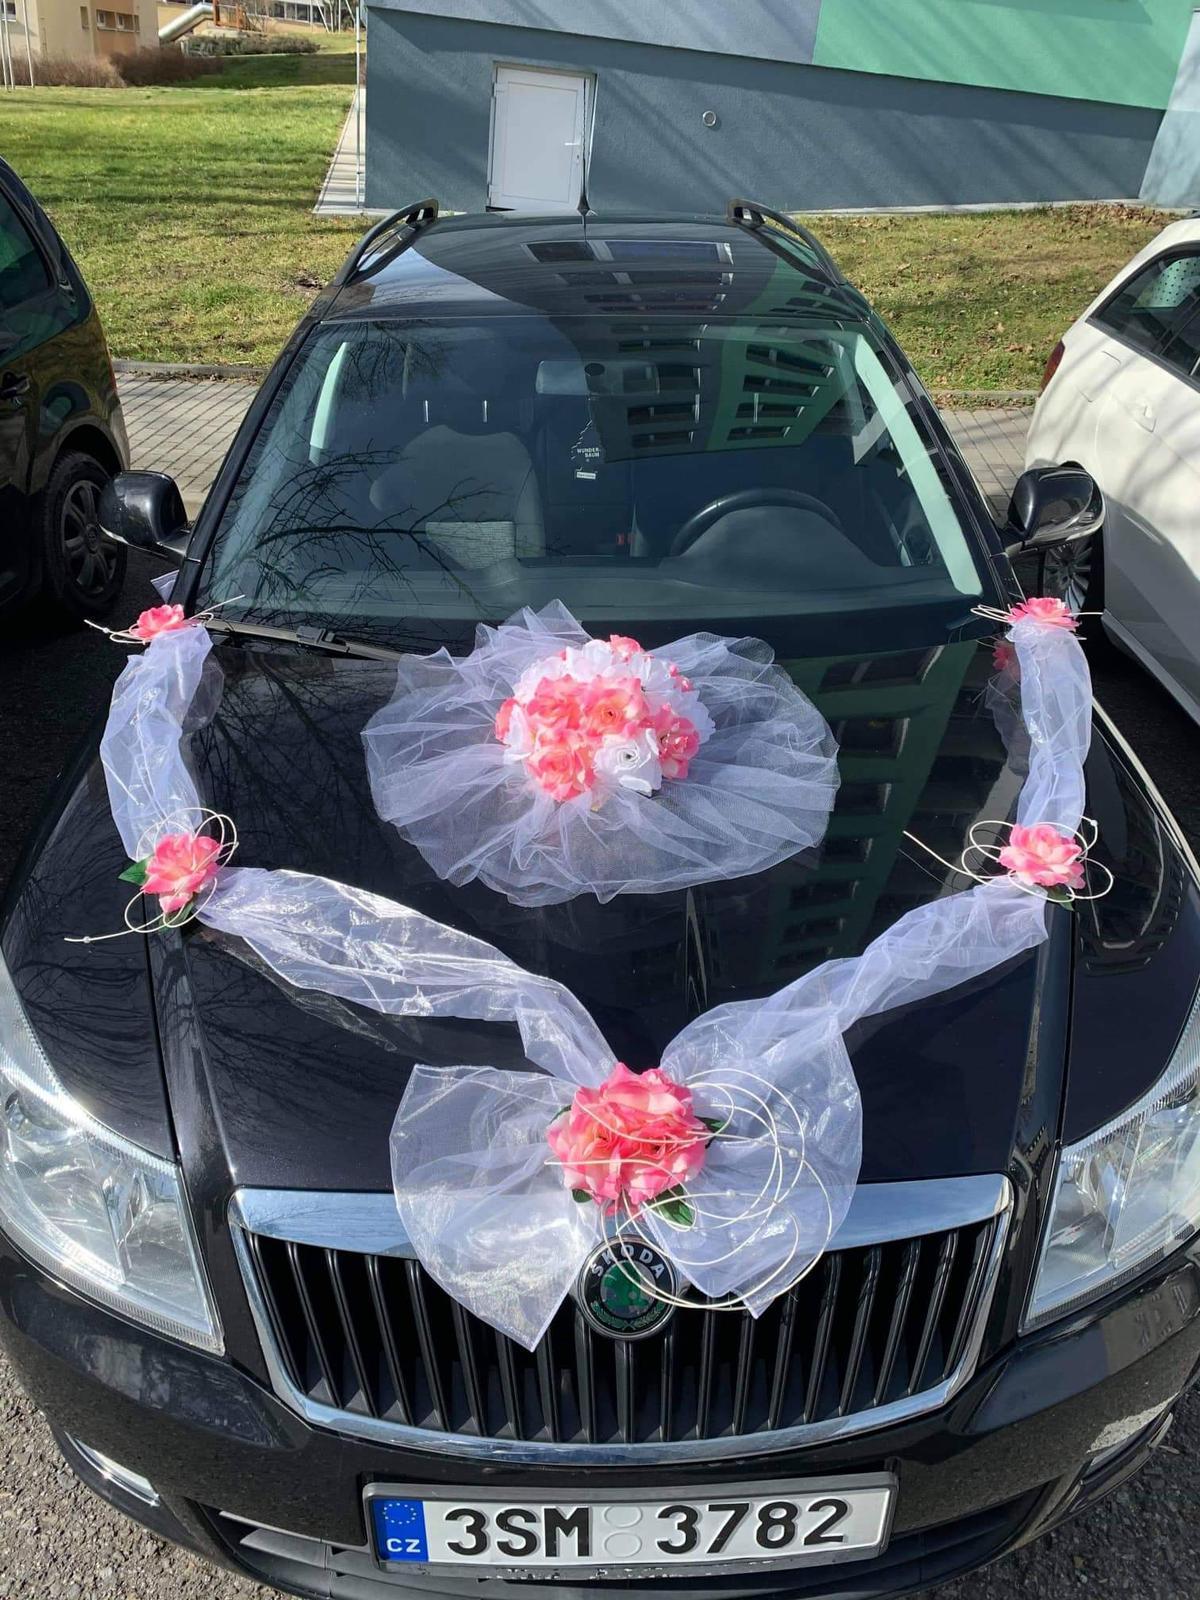 výzdoba na auta - Obrázek č. 1